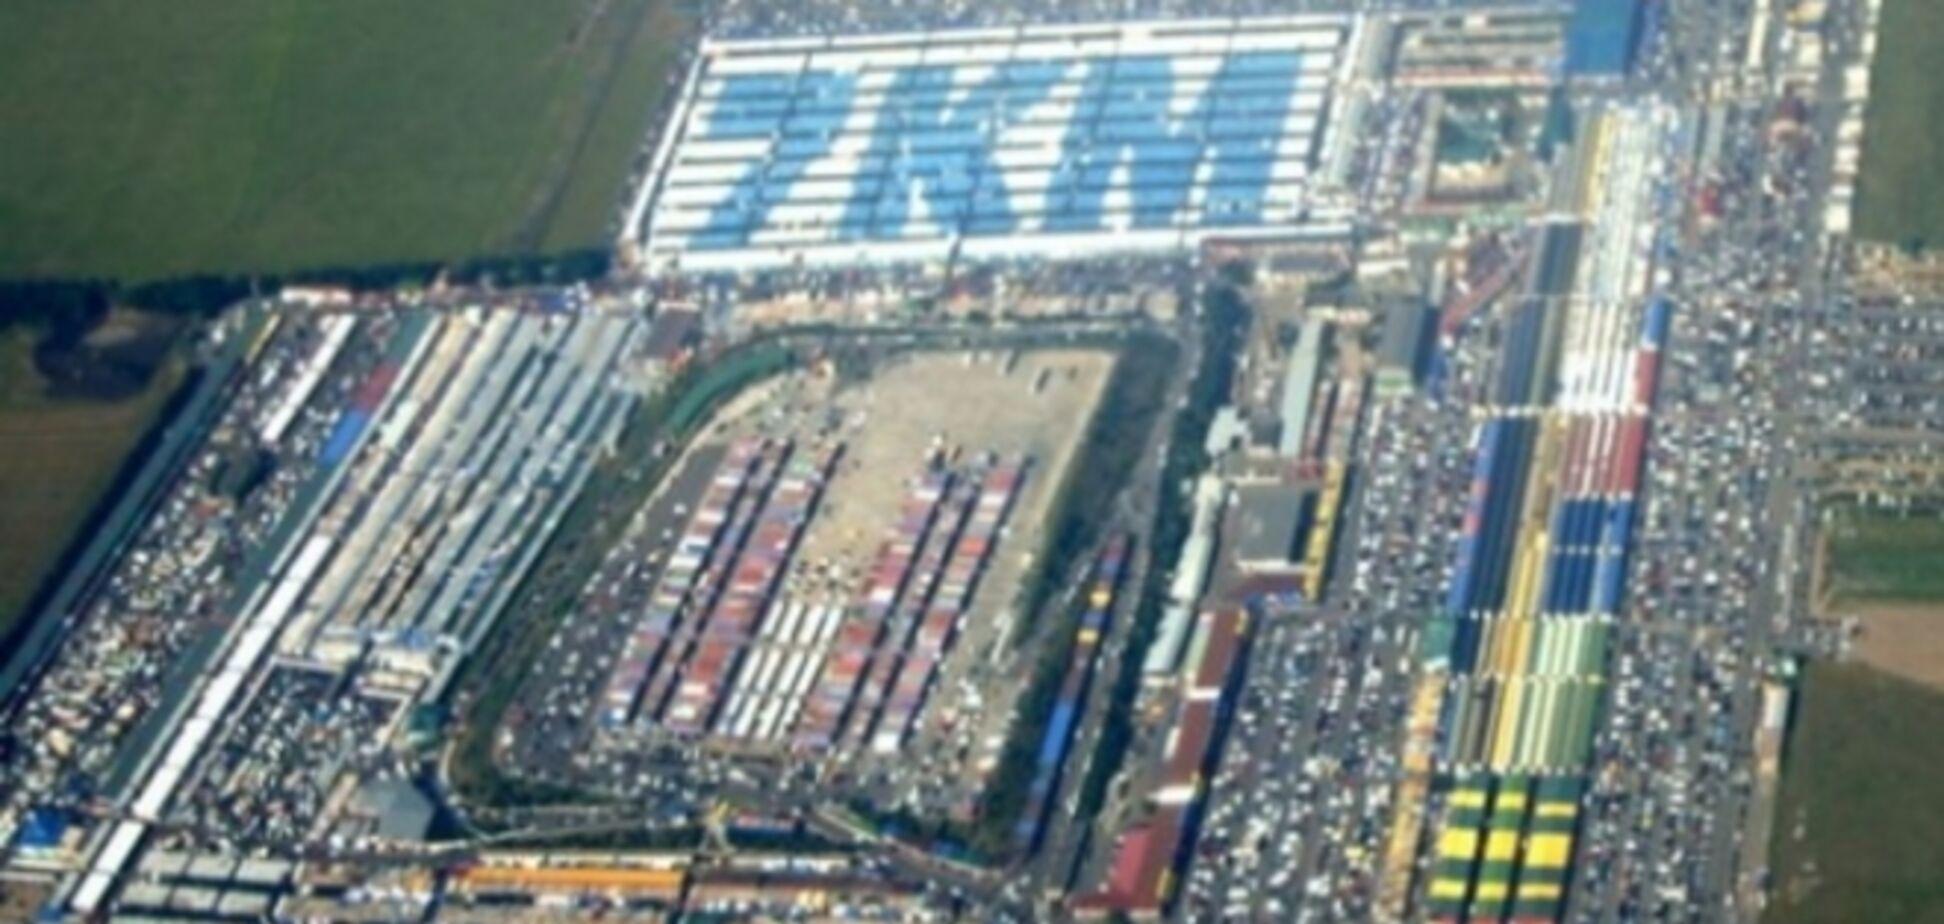 Знаменитый рынок '7-й километр' захватывают депутаты-рейдеры